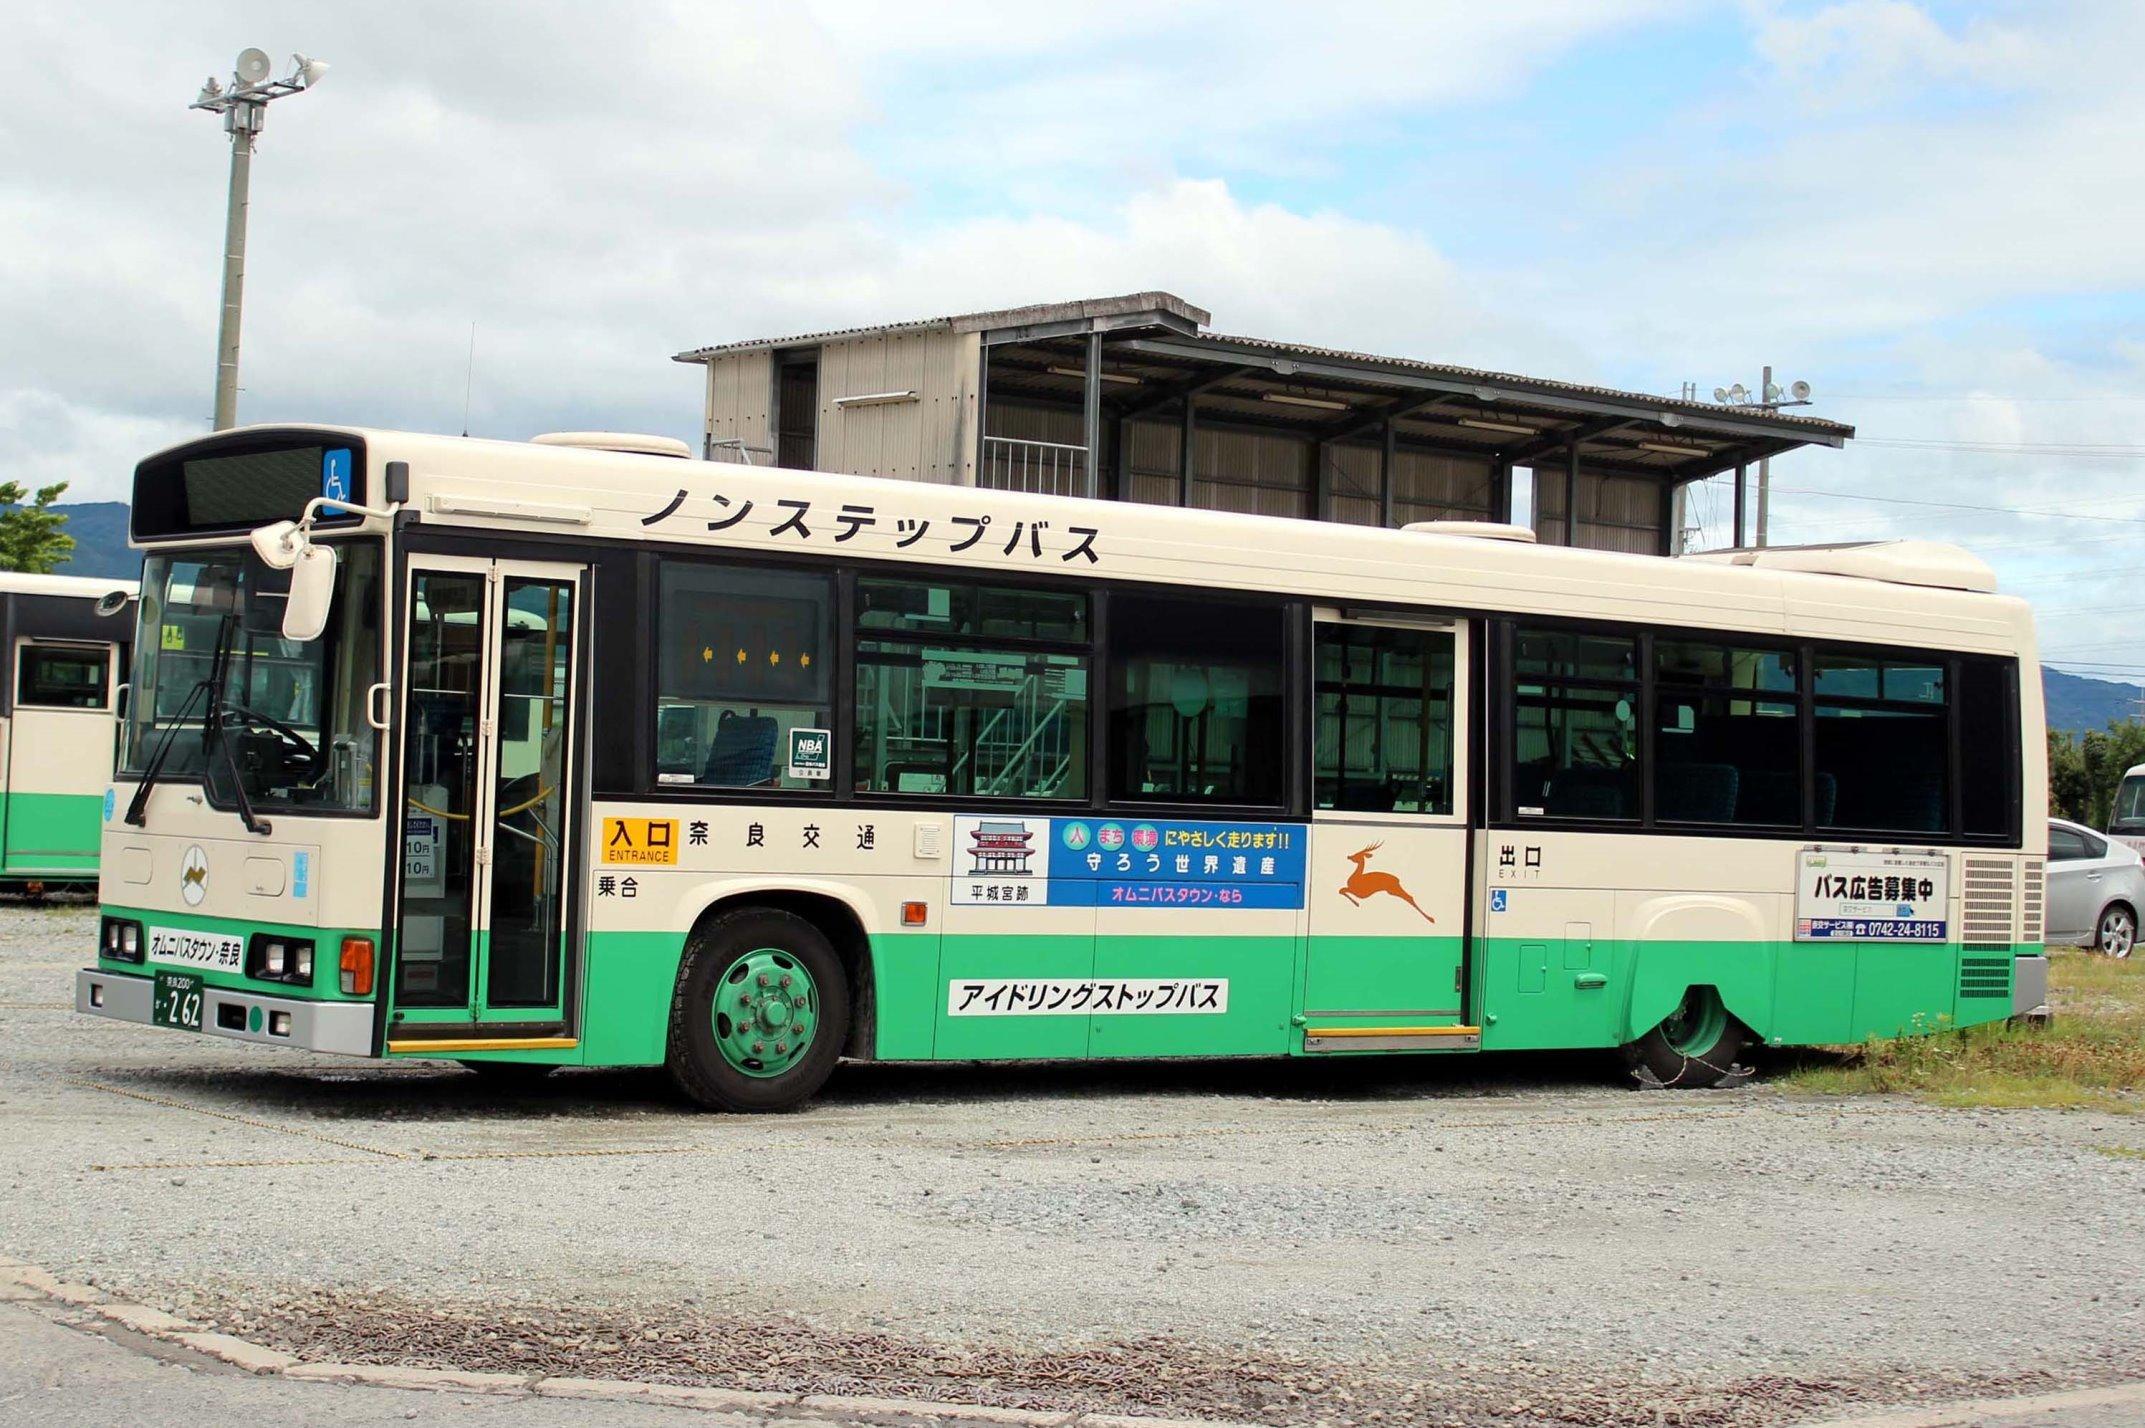 奈良交通 か262